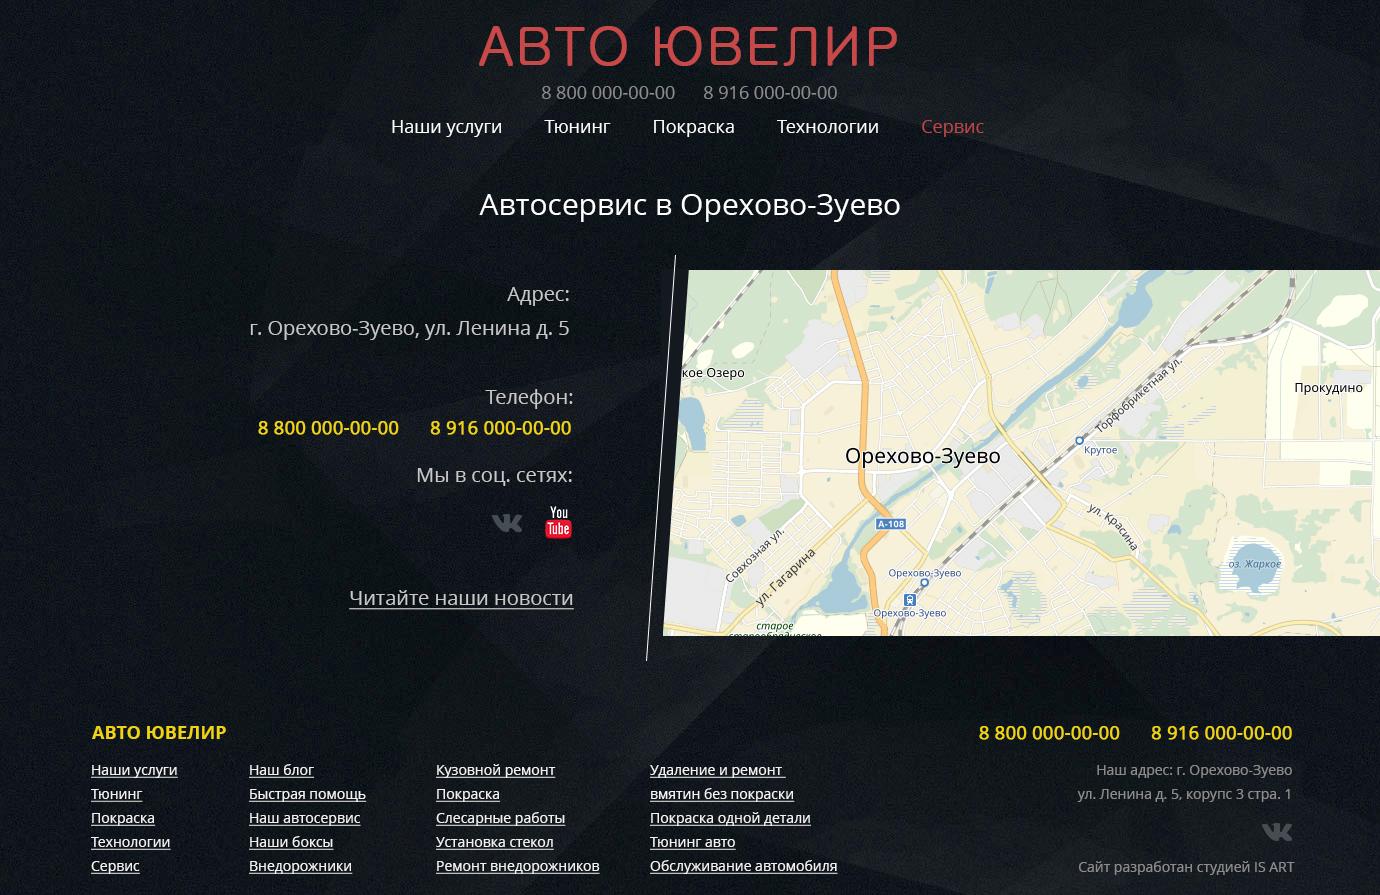 Макет сайта Автосервис Автоювелир 2